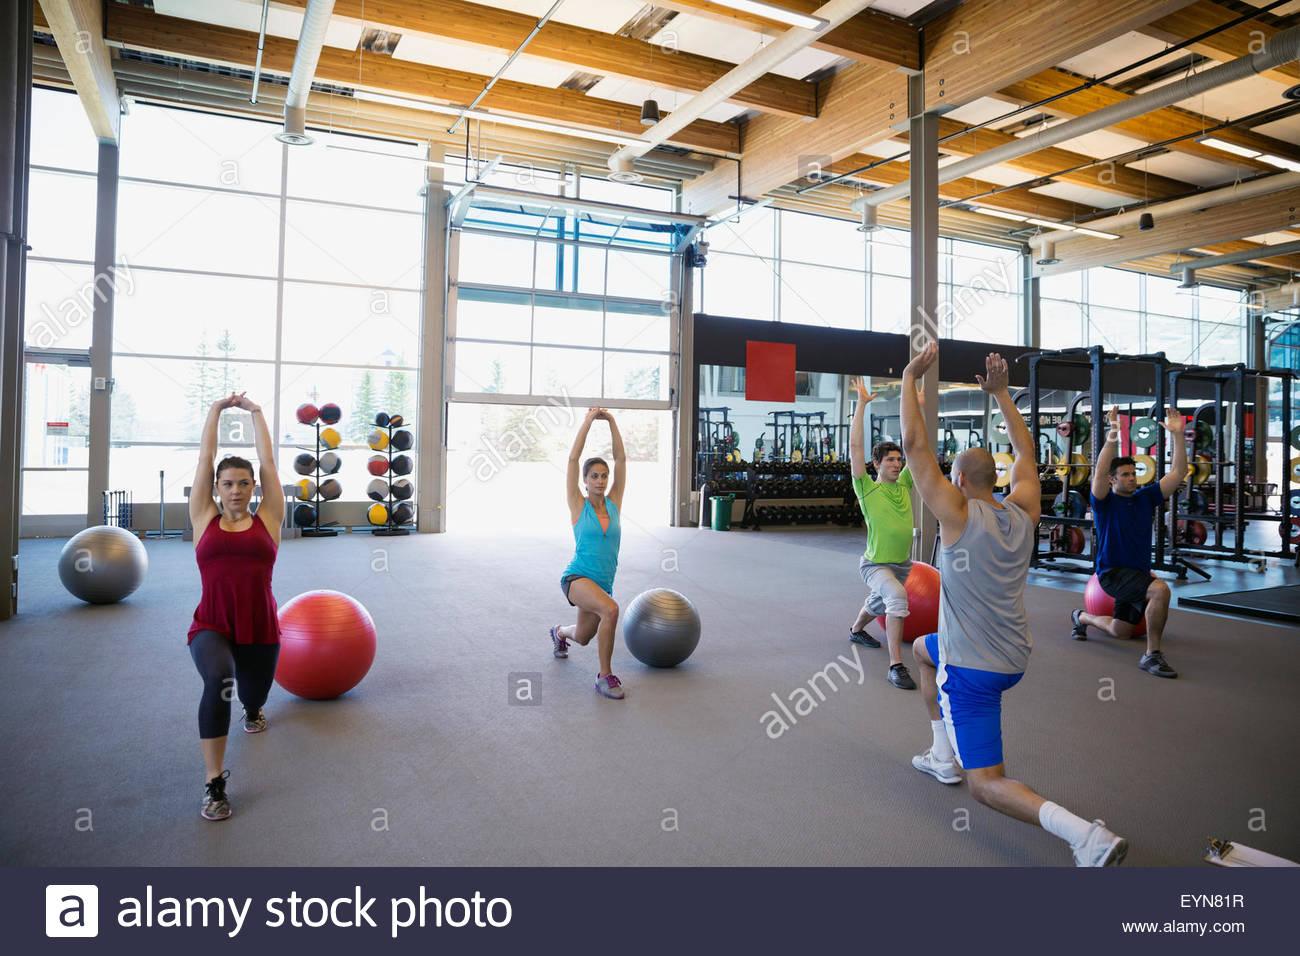 Clase de ejercicios haciendo estocadas con los brazos levantados gimnasio Imagen De Stock